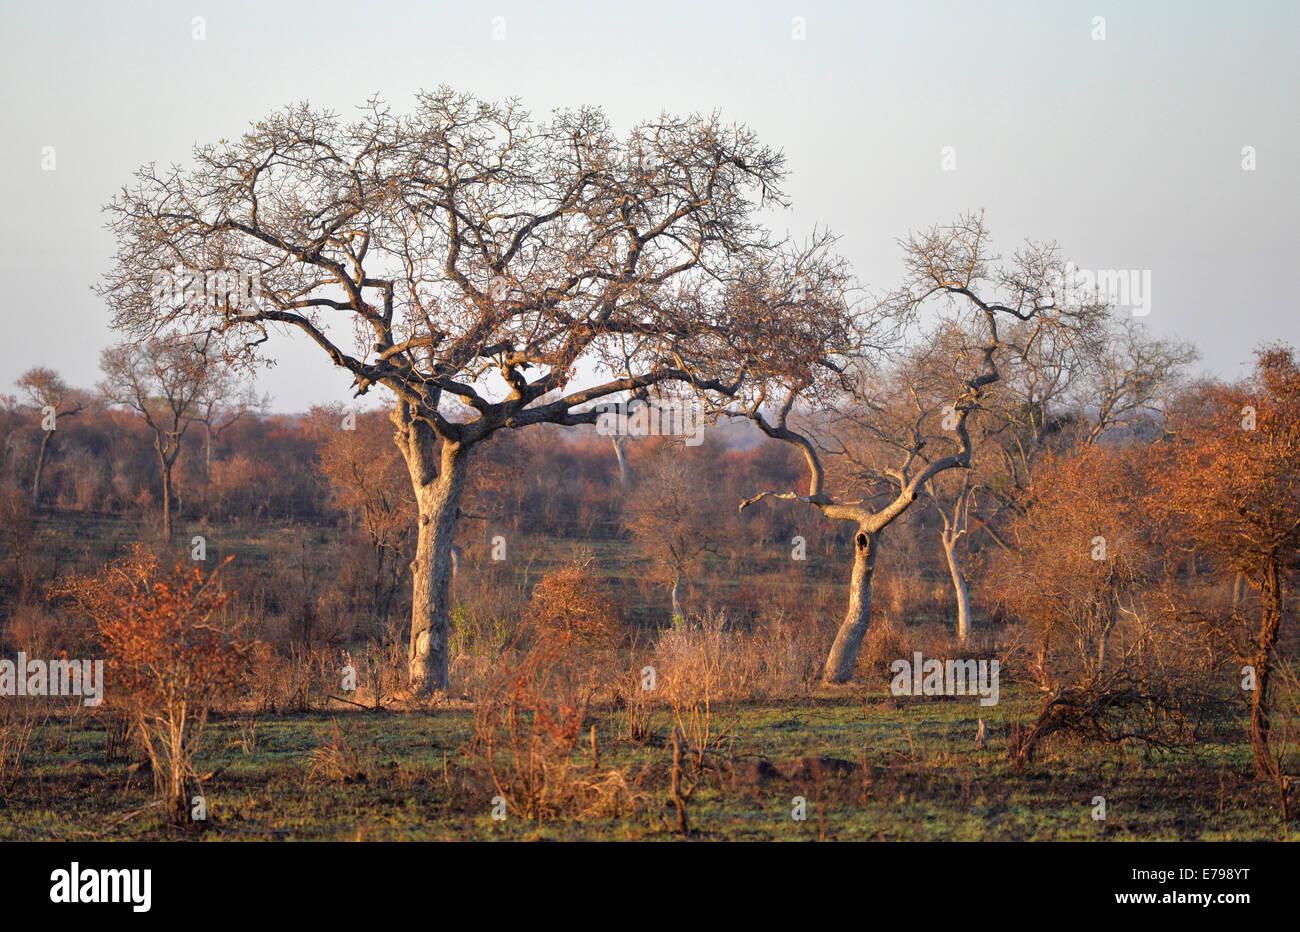 Savane brûlée dans Kruger National Park, Afrique du Sud Photo Stock